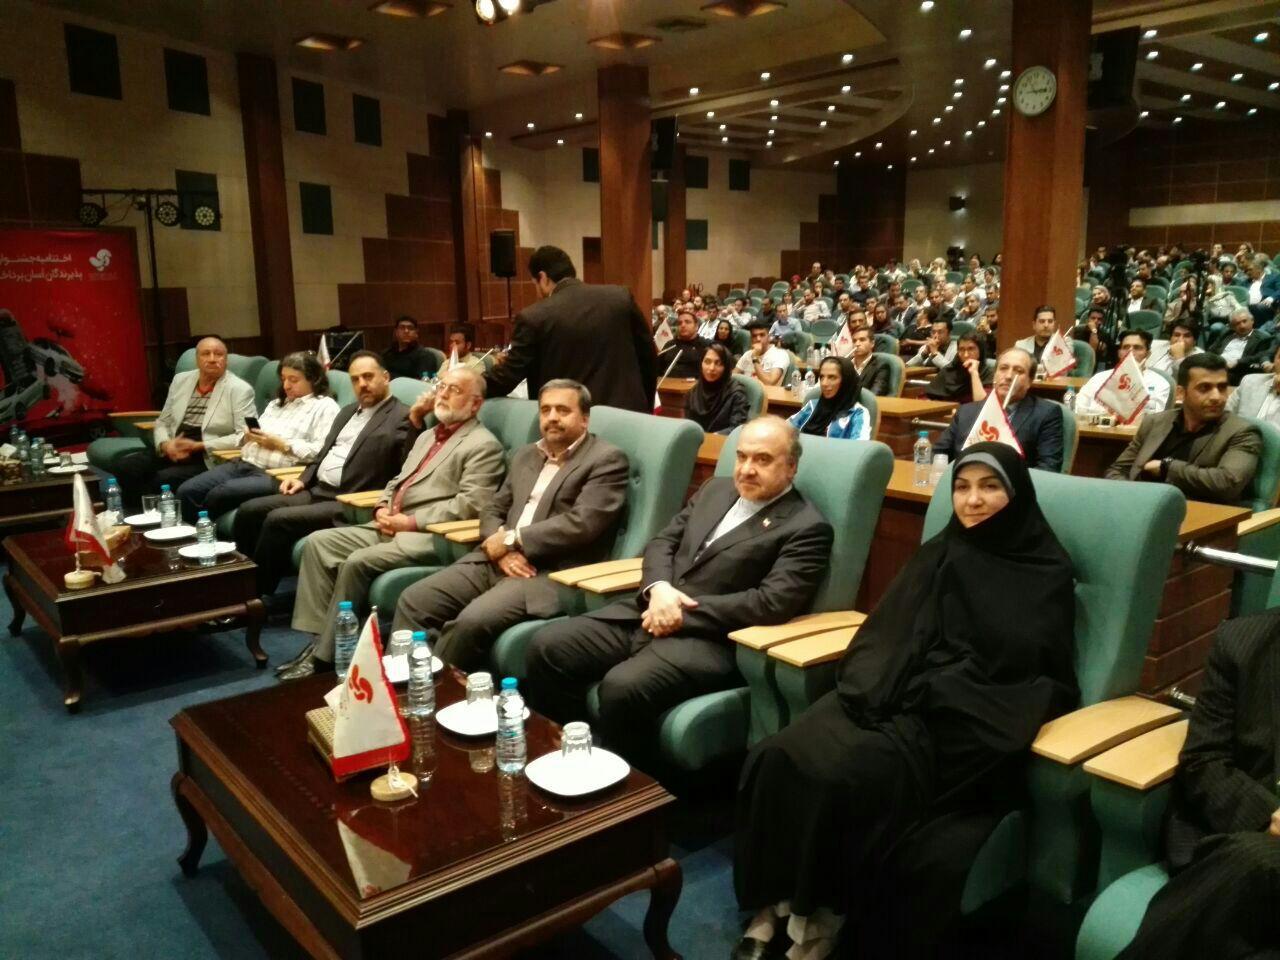 از تاخیر 45 دقیقه ای وزیر ورزش تا غیبت حدادی در این مراسم